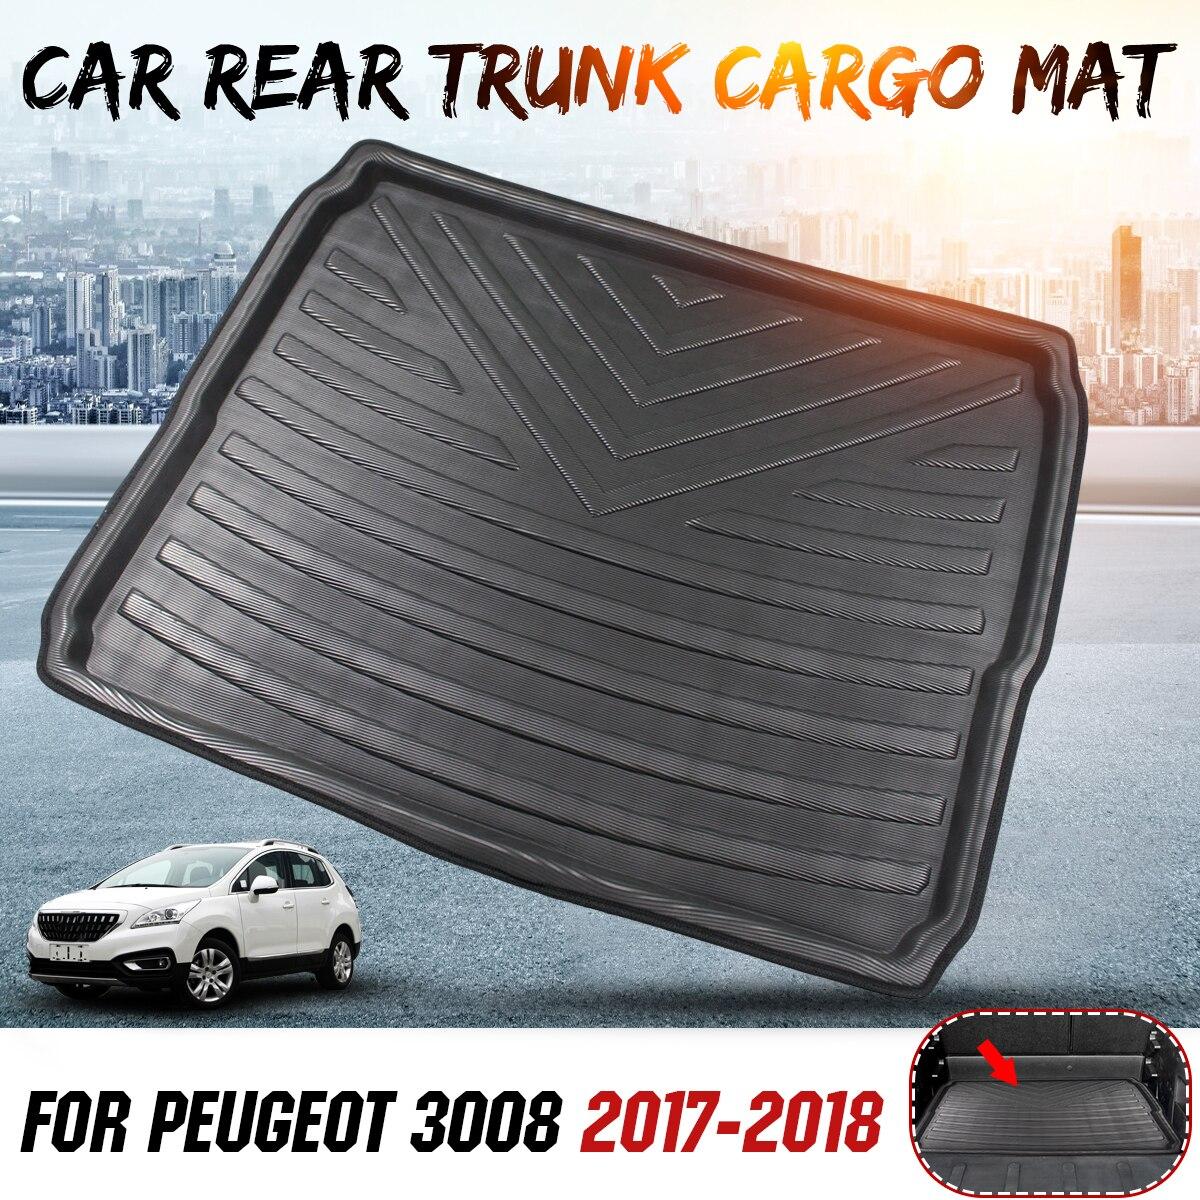 Car Interior Cargo Liner Boot Vassoio Posteriore del Tronco Copertura Zerbino t Zerbino Pavimento Tappeto Kick Pad Per Peugeot 3008 2017 2018